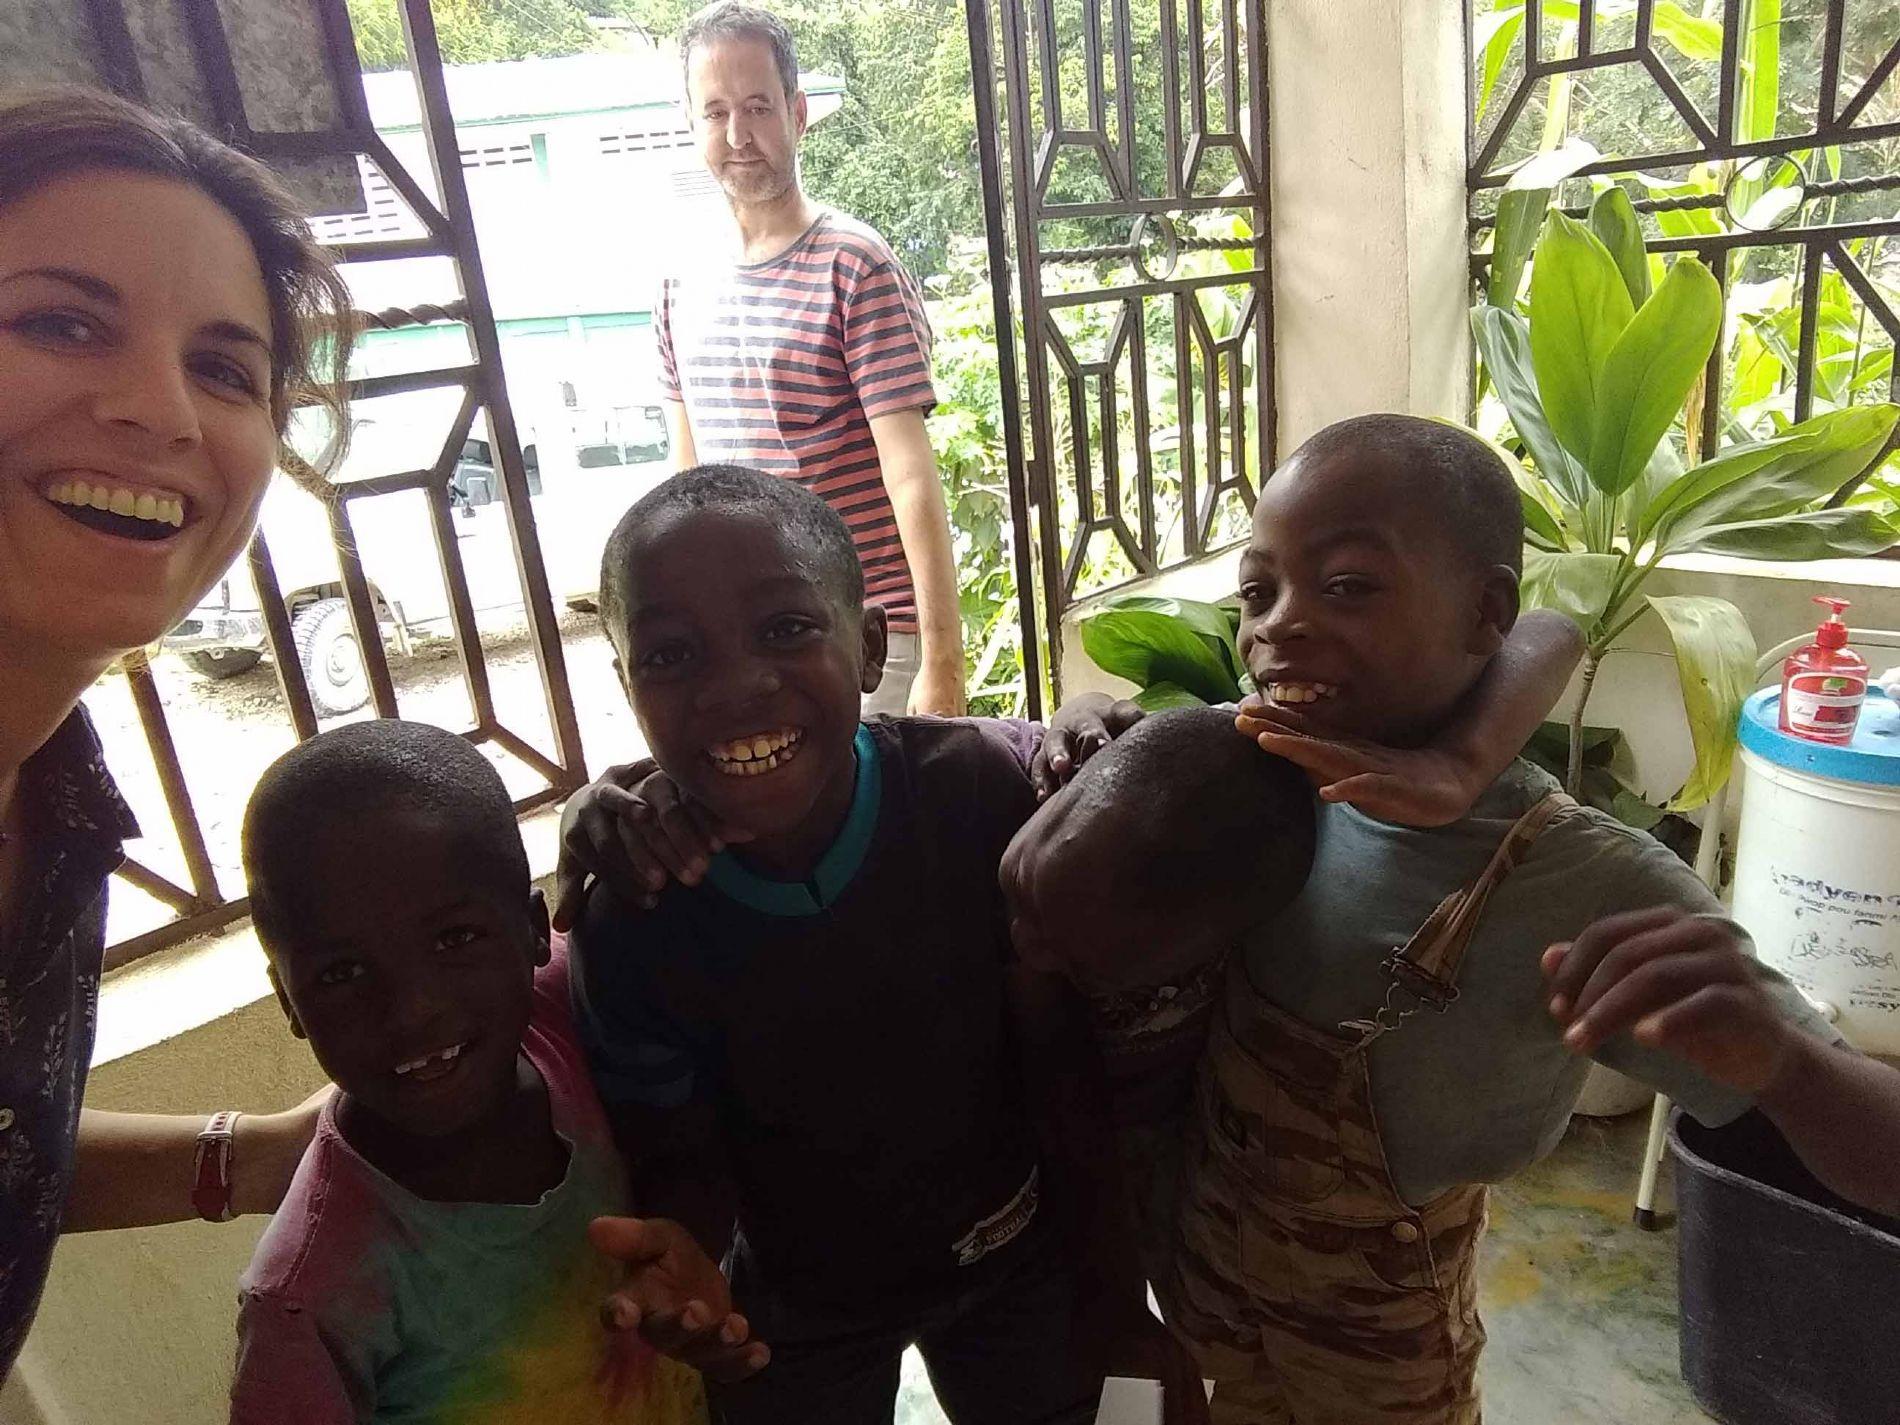 La generosidad y la esperanza en el corazón de Haití